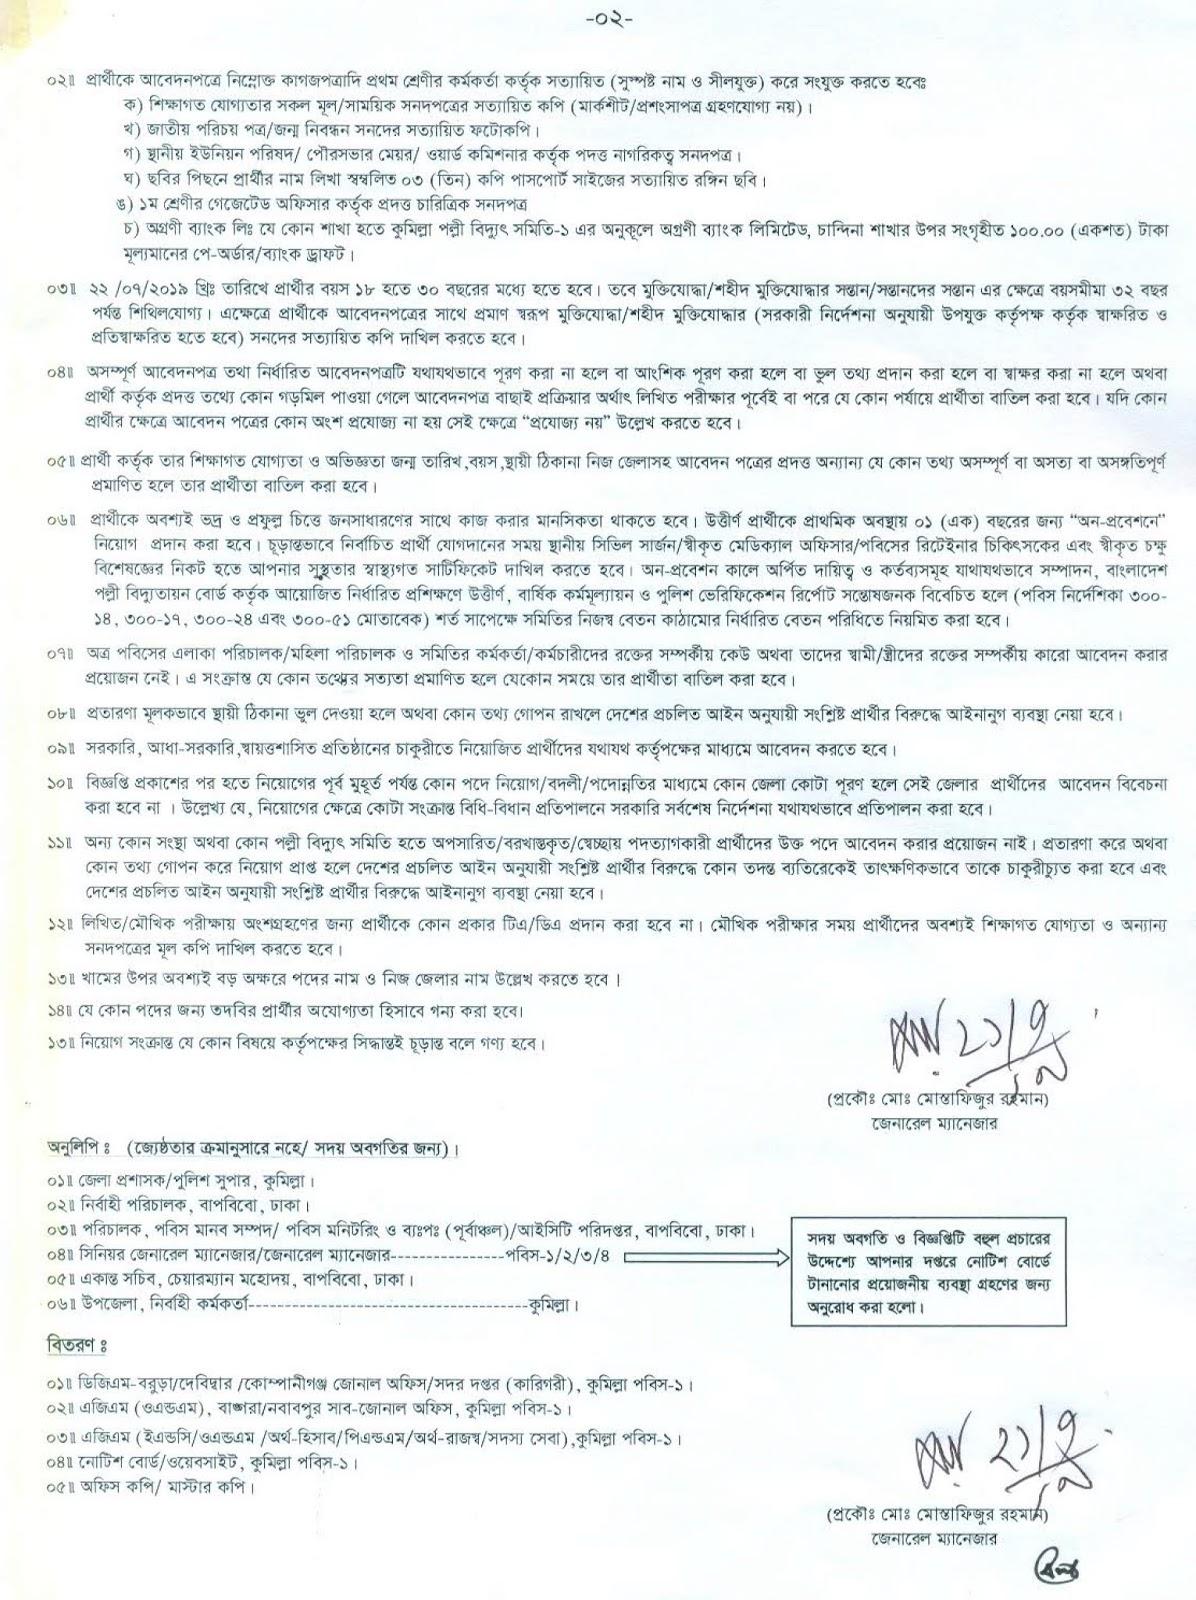 কুমিল্লা পল্লী বিদ্যুৎ সমিতি পিবিএস ২ চাকরির খবর